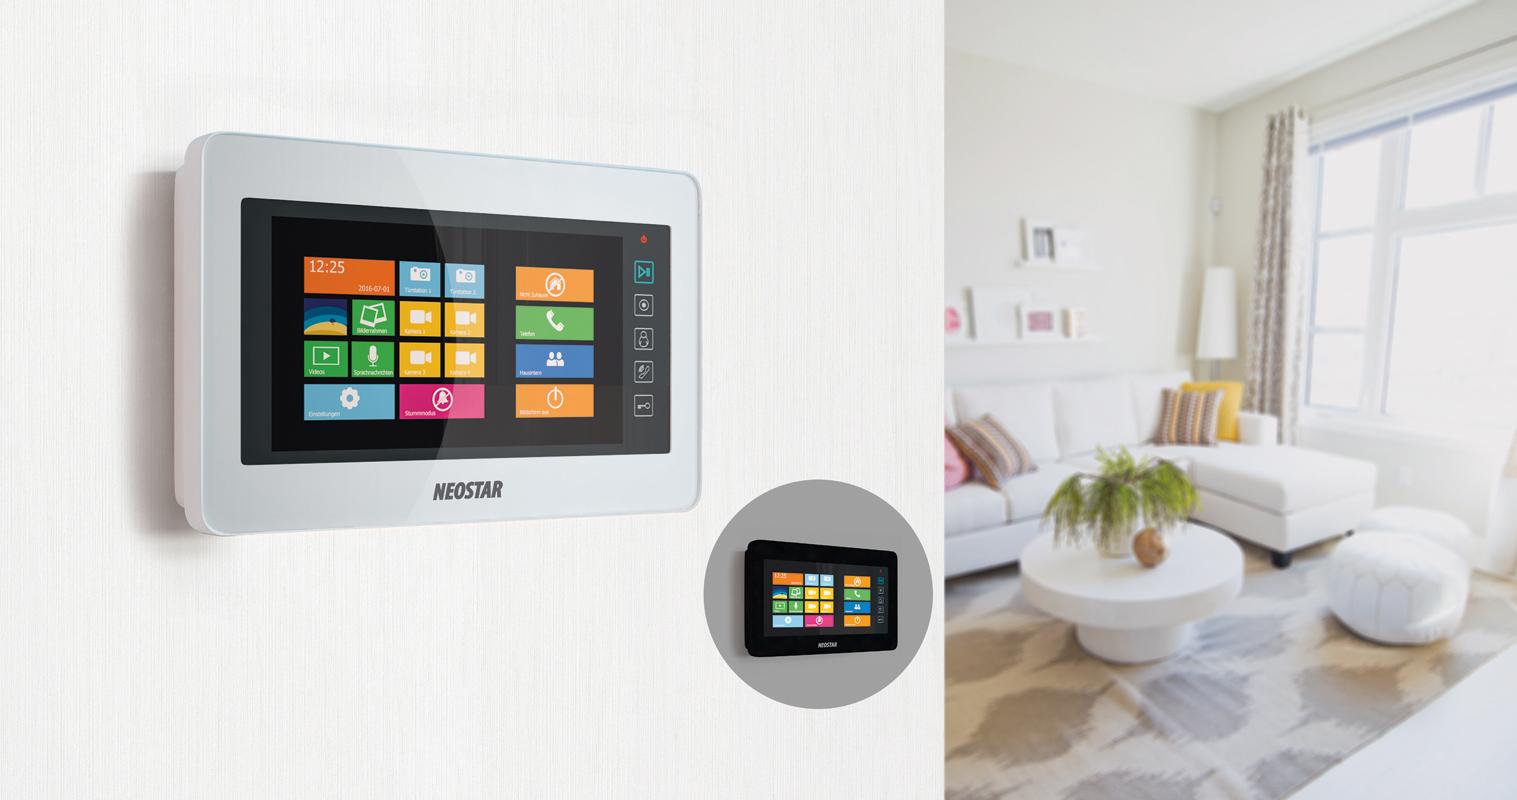 neostar video sprechanlage f r 1 familienhaus mit 7 tft lcd und fingerprint bmv wtf27 online. Black Bedroom Furniture Sets. Home Design Ideas